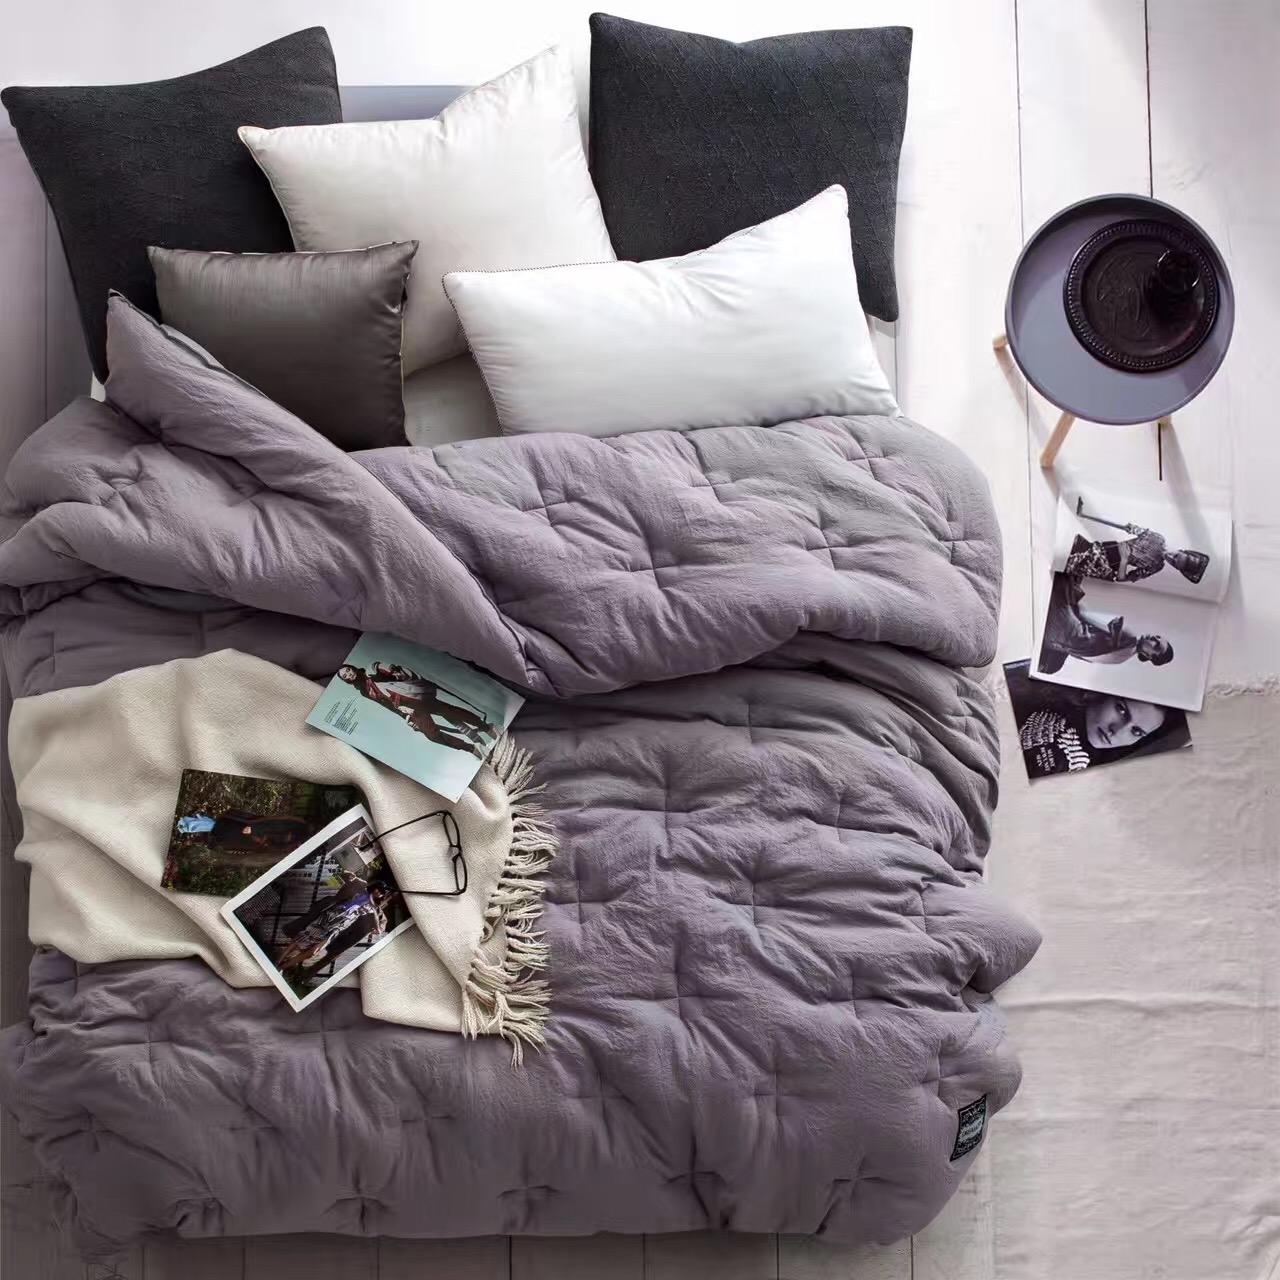 加厚雙人秋冬水洗棉冬被 超舒適 出口 保暖棉被